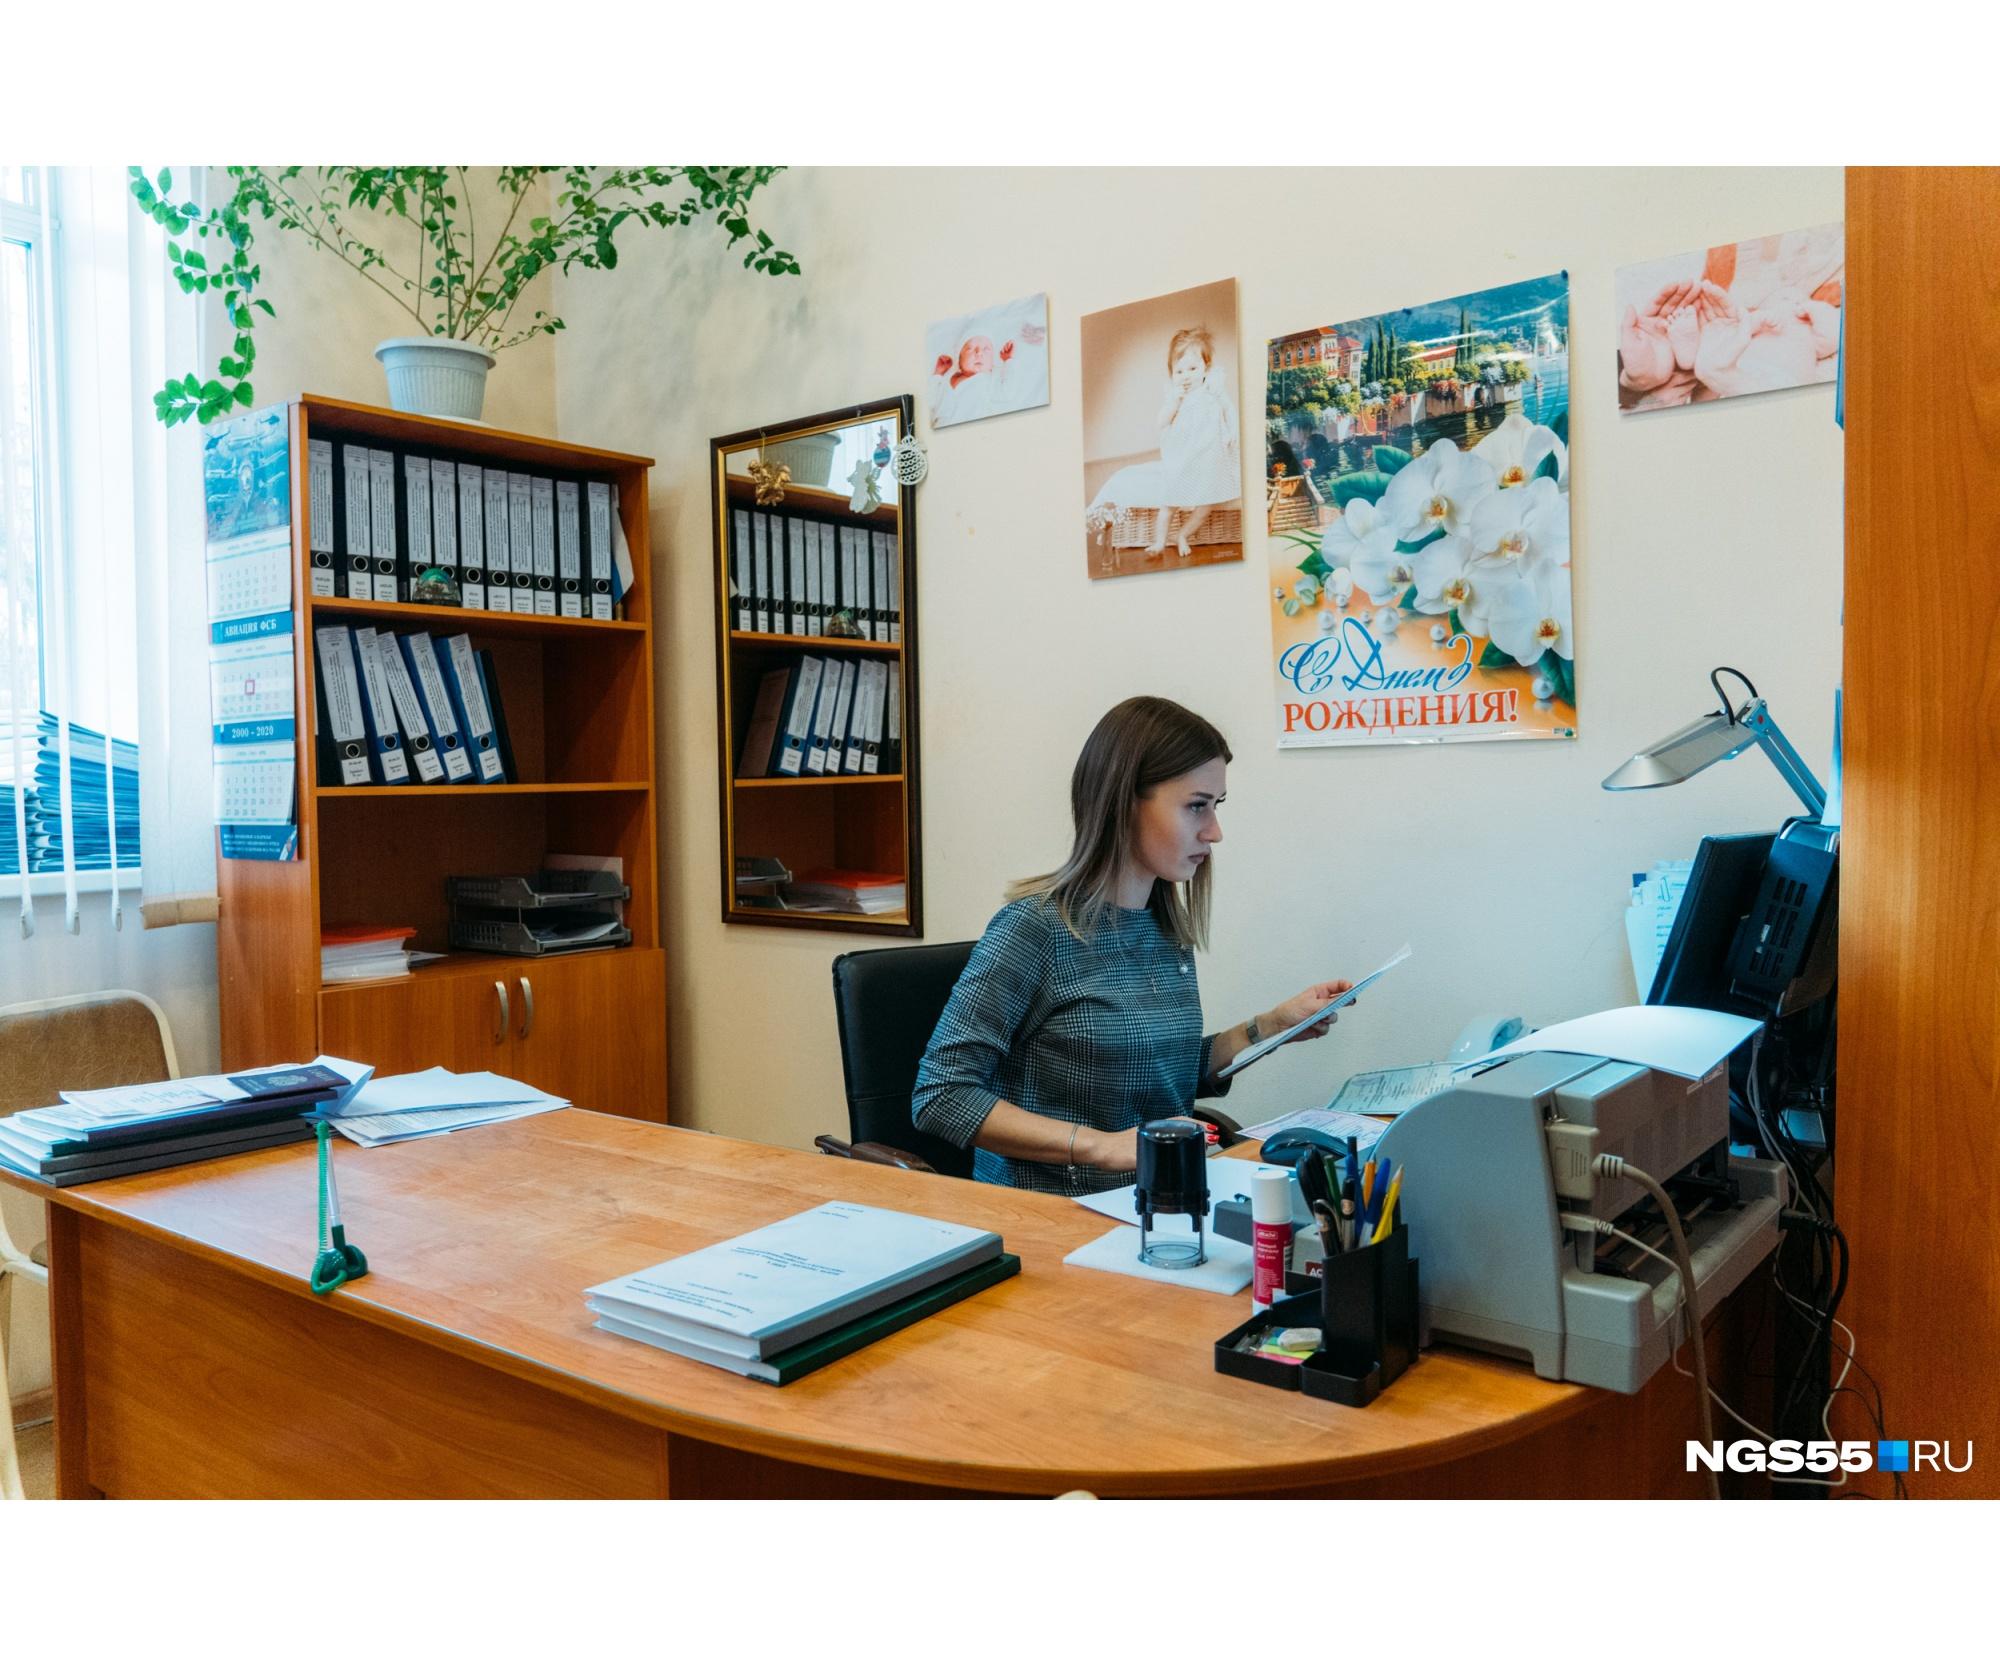 Кабинеты сотрудников идентичны друг другу. В Советском ЗАГСе работают только женщины. Все соблюдают строгий дресс-код.